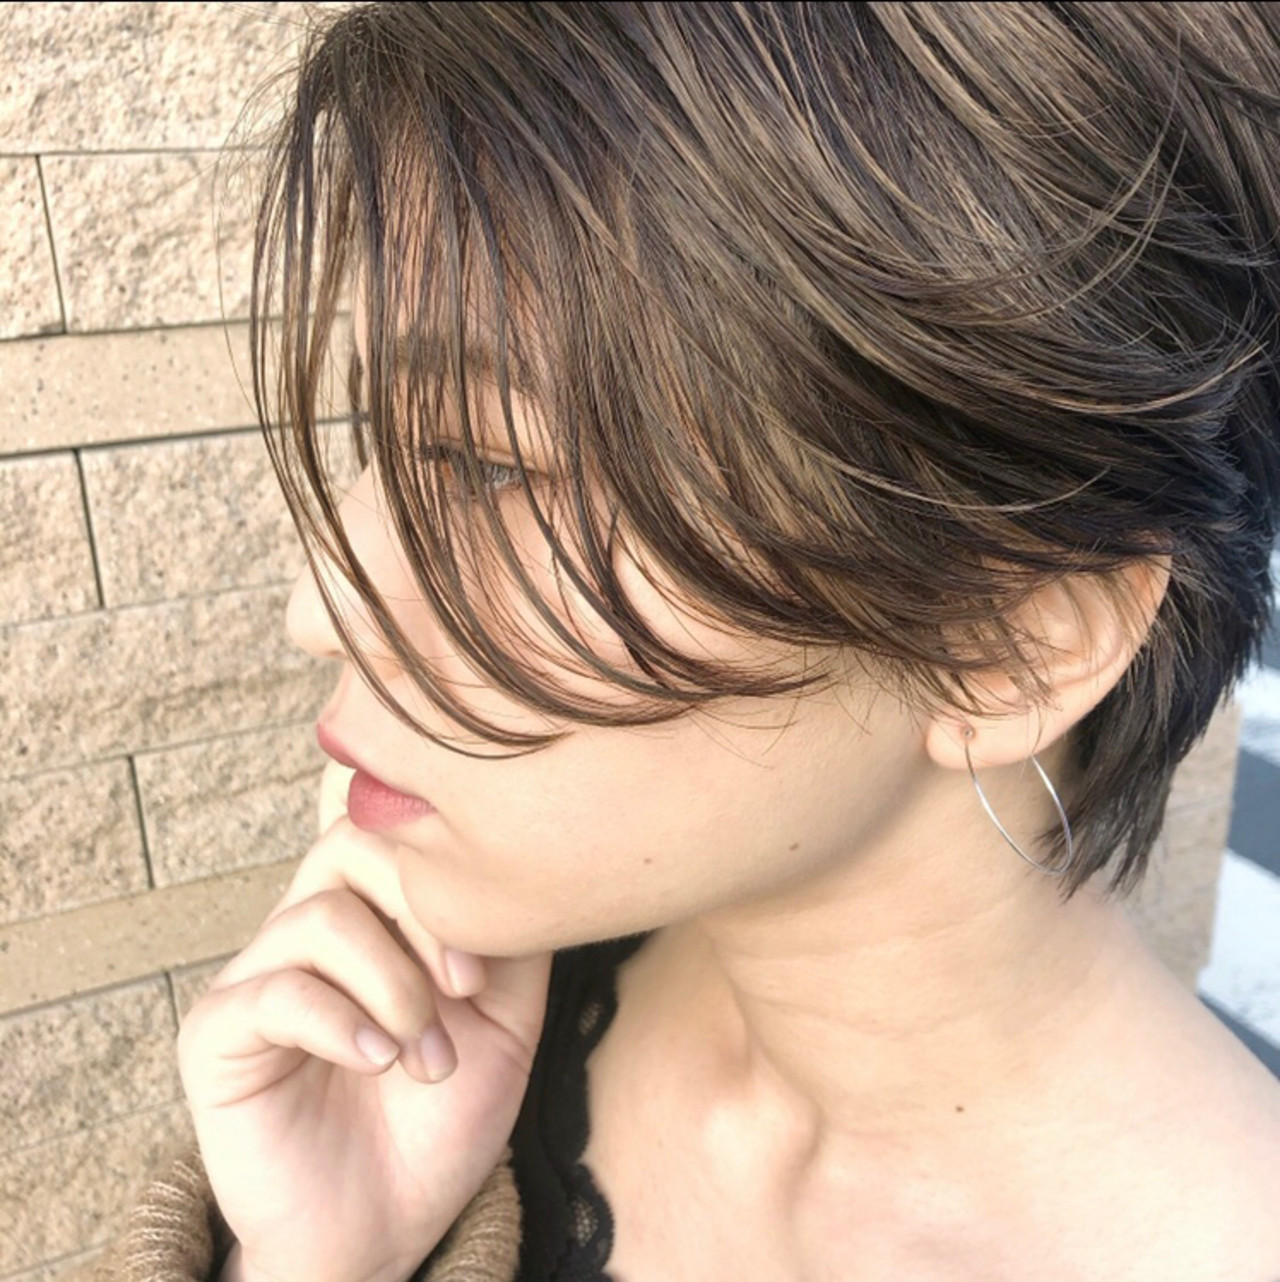 ハイライト ショートボブ アンニュイほつれヘア インナーカラー ヘアスタイルや髪型の写真・画像 | 高沼 達也 / byトルネード / トルネード